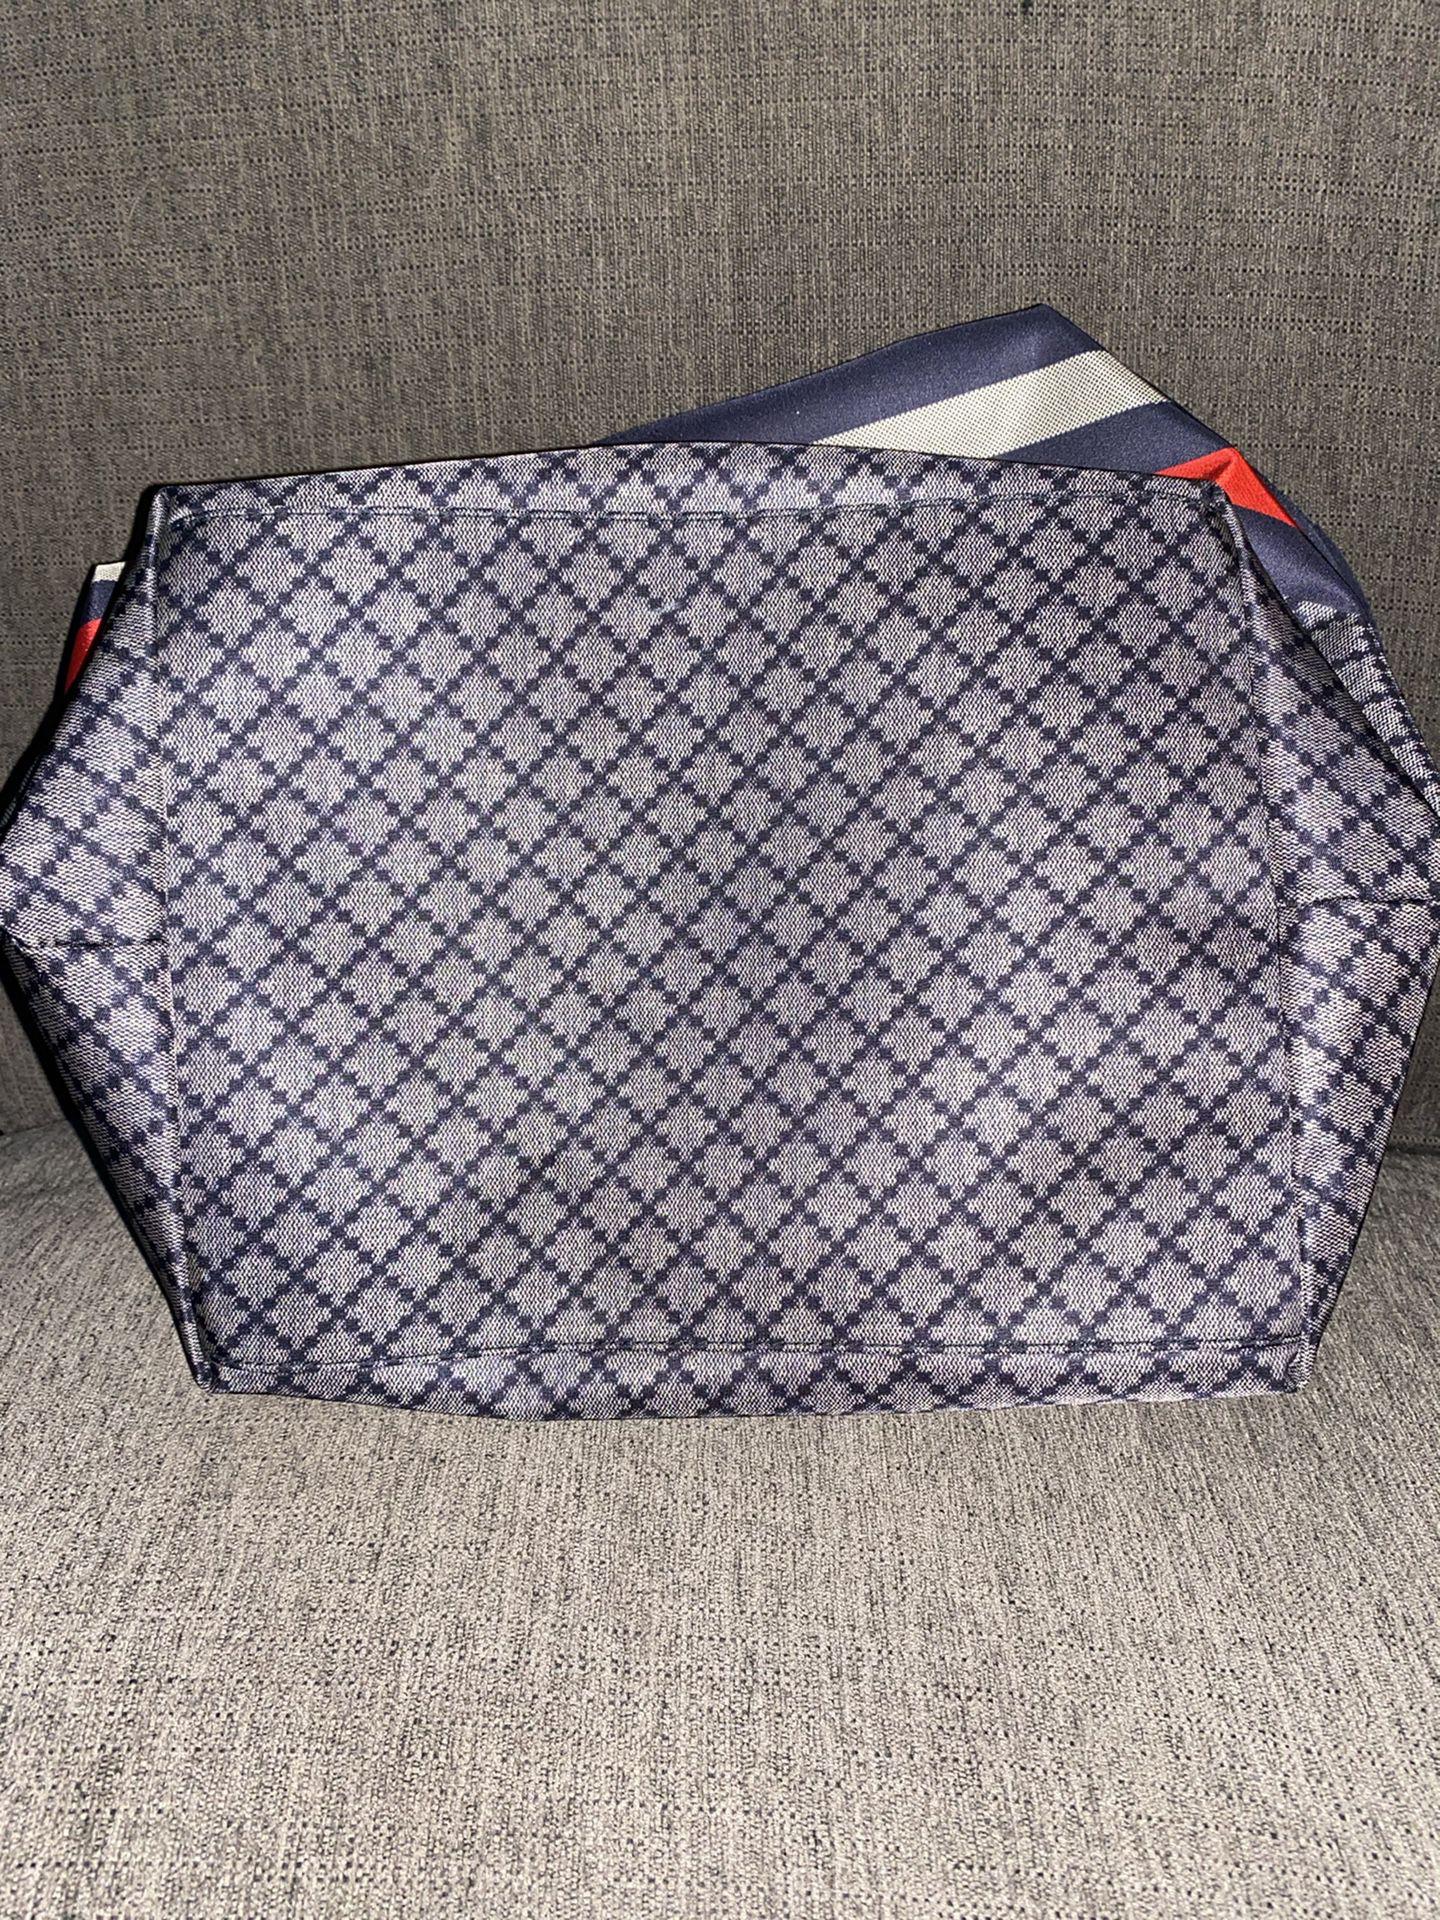 Gucci Unisex Blue Nylon Diamante Travel Tote Handbag {contact info removed}